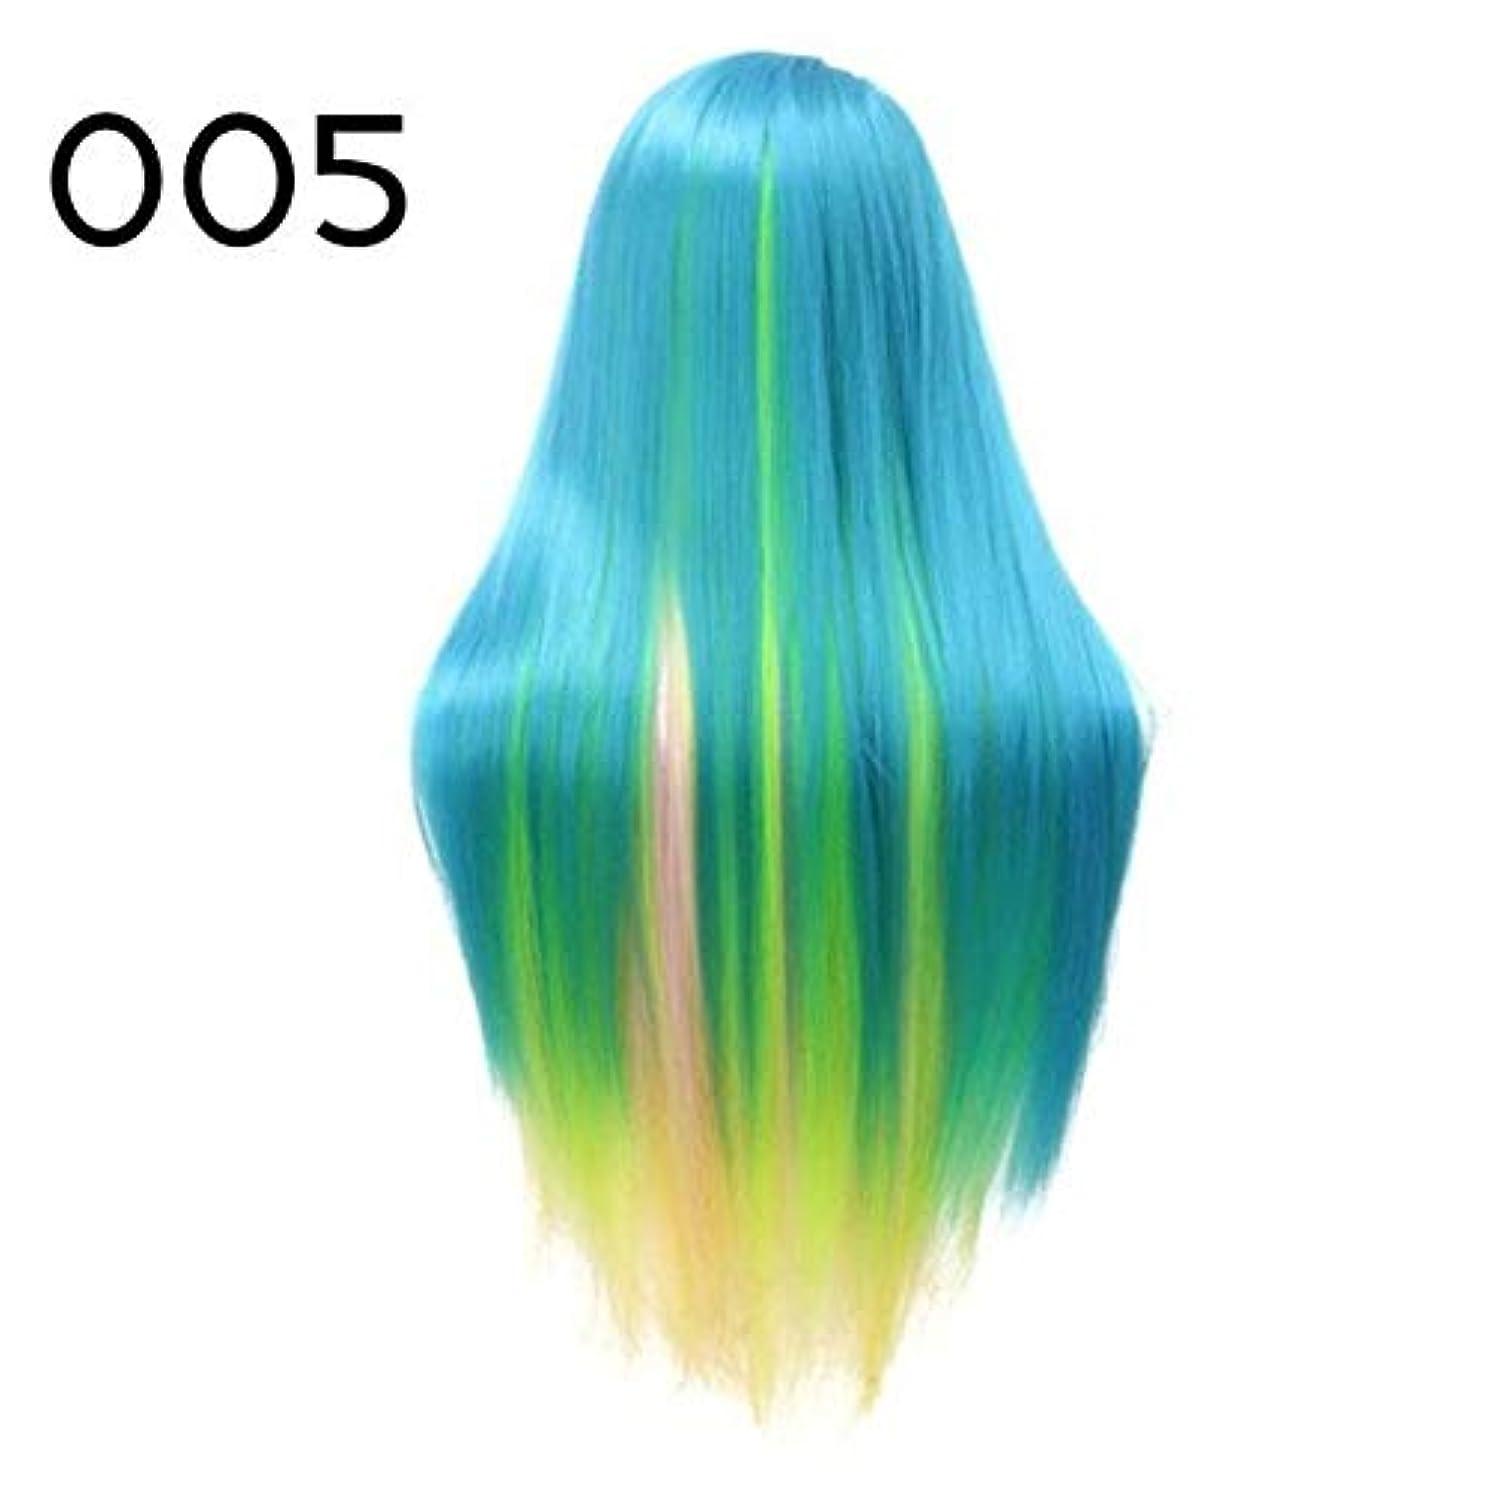 統合する関係するひまわりウイッグ マネキンヘッド クランプホルダと多色理髪トレーニング頭部マネキンモデル編み実践サロンを選択する9色 練習用 (色 : 005, サイズ : 80~90cm(hair length))